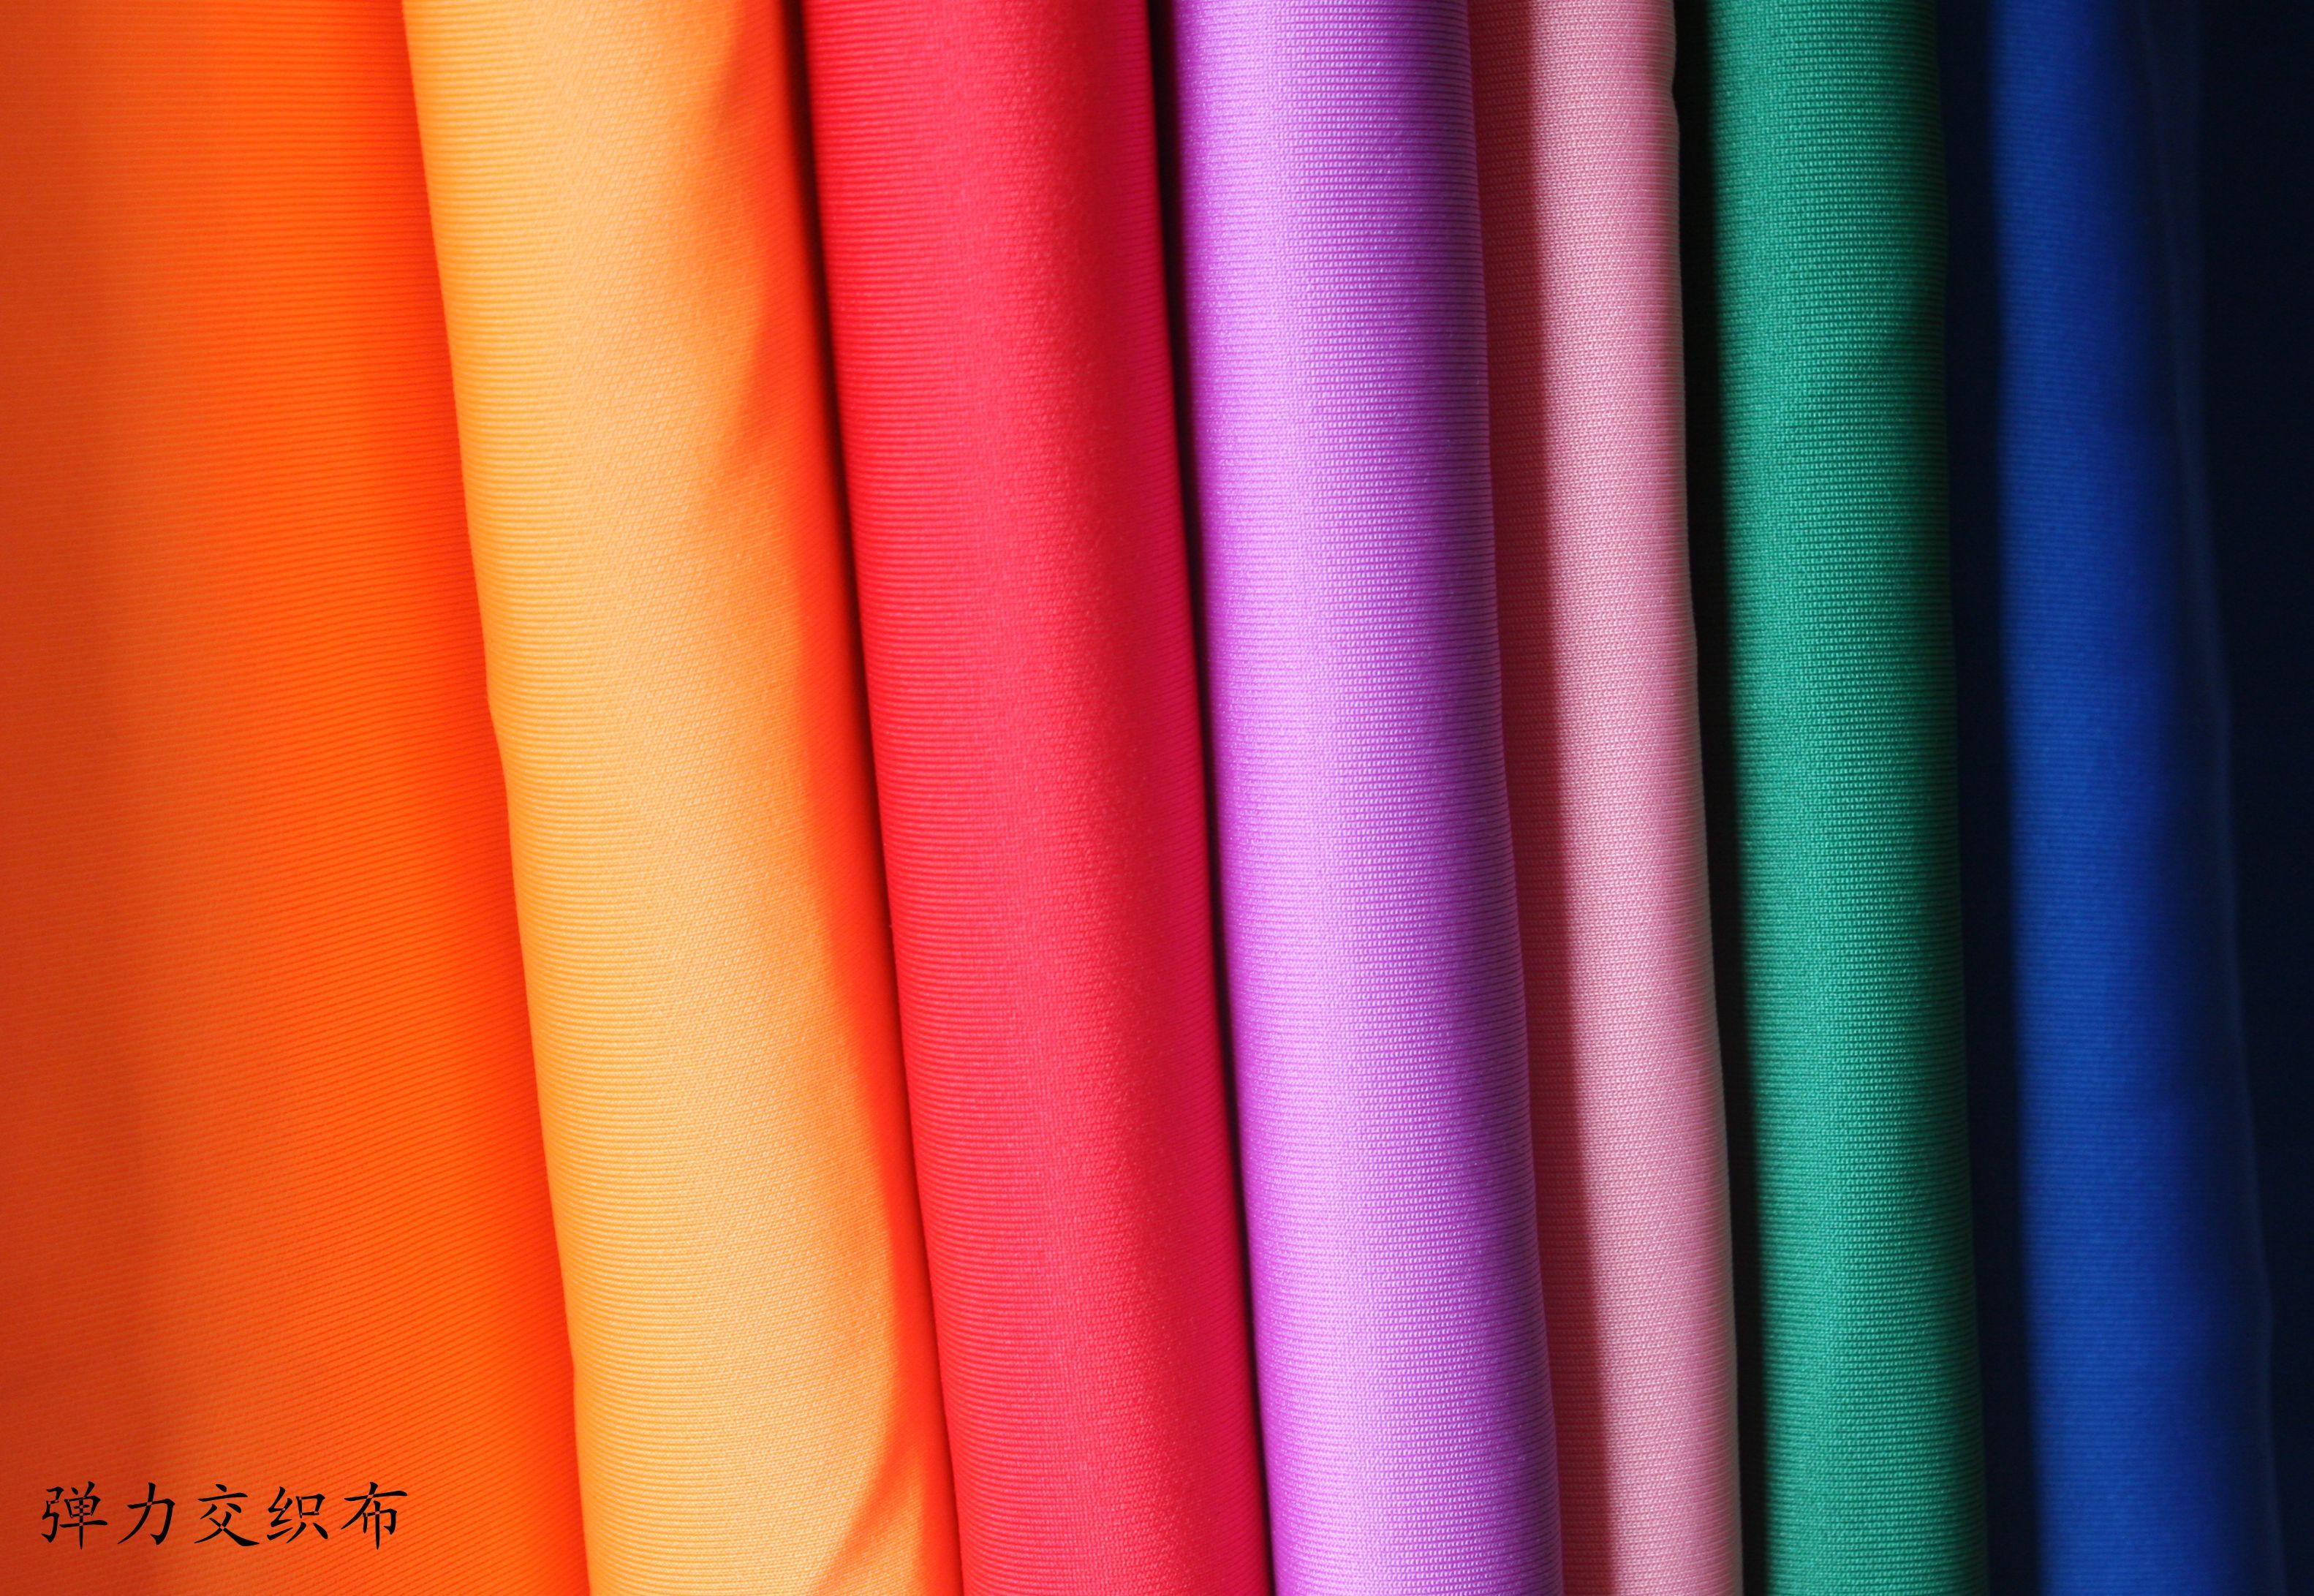 双面交织布销售:[供应]泉州特价涤安双面交织布